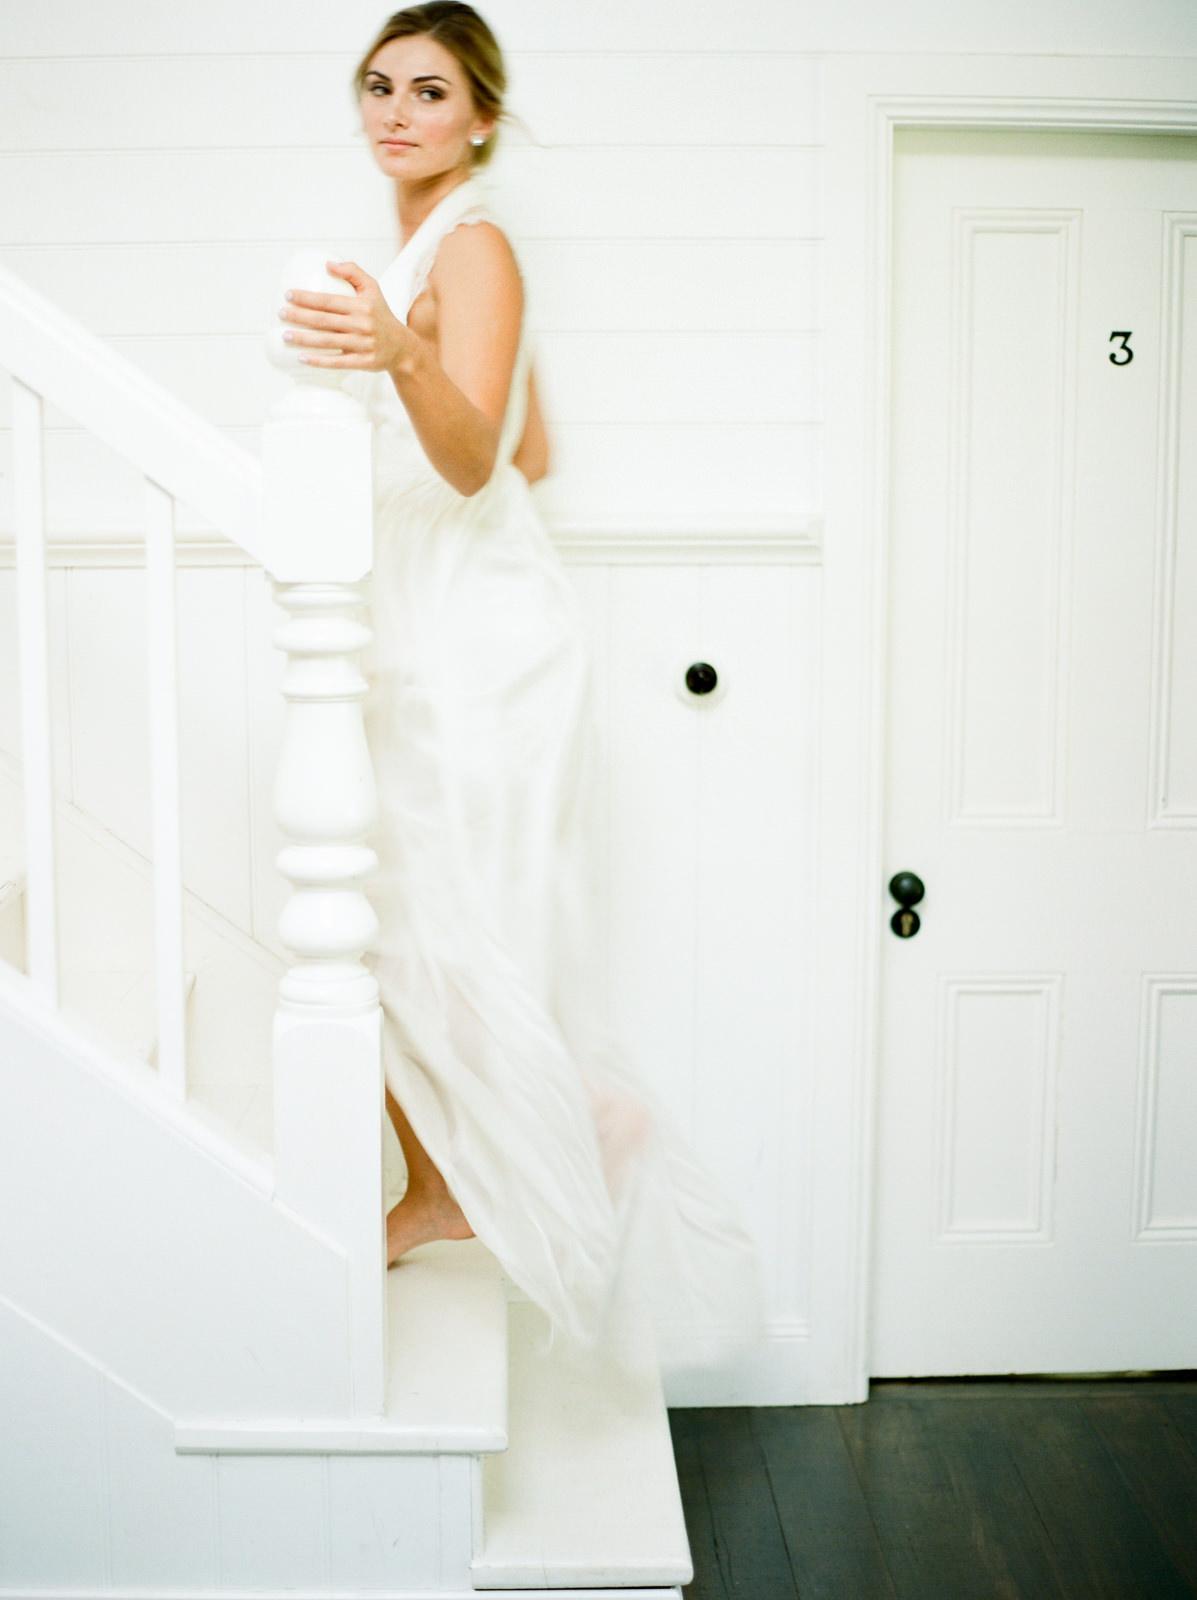 waop_theriftbowral_elopement-0222.jpg